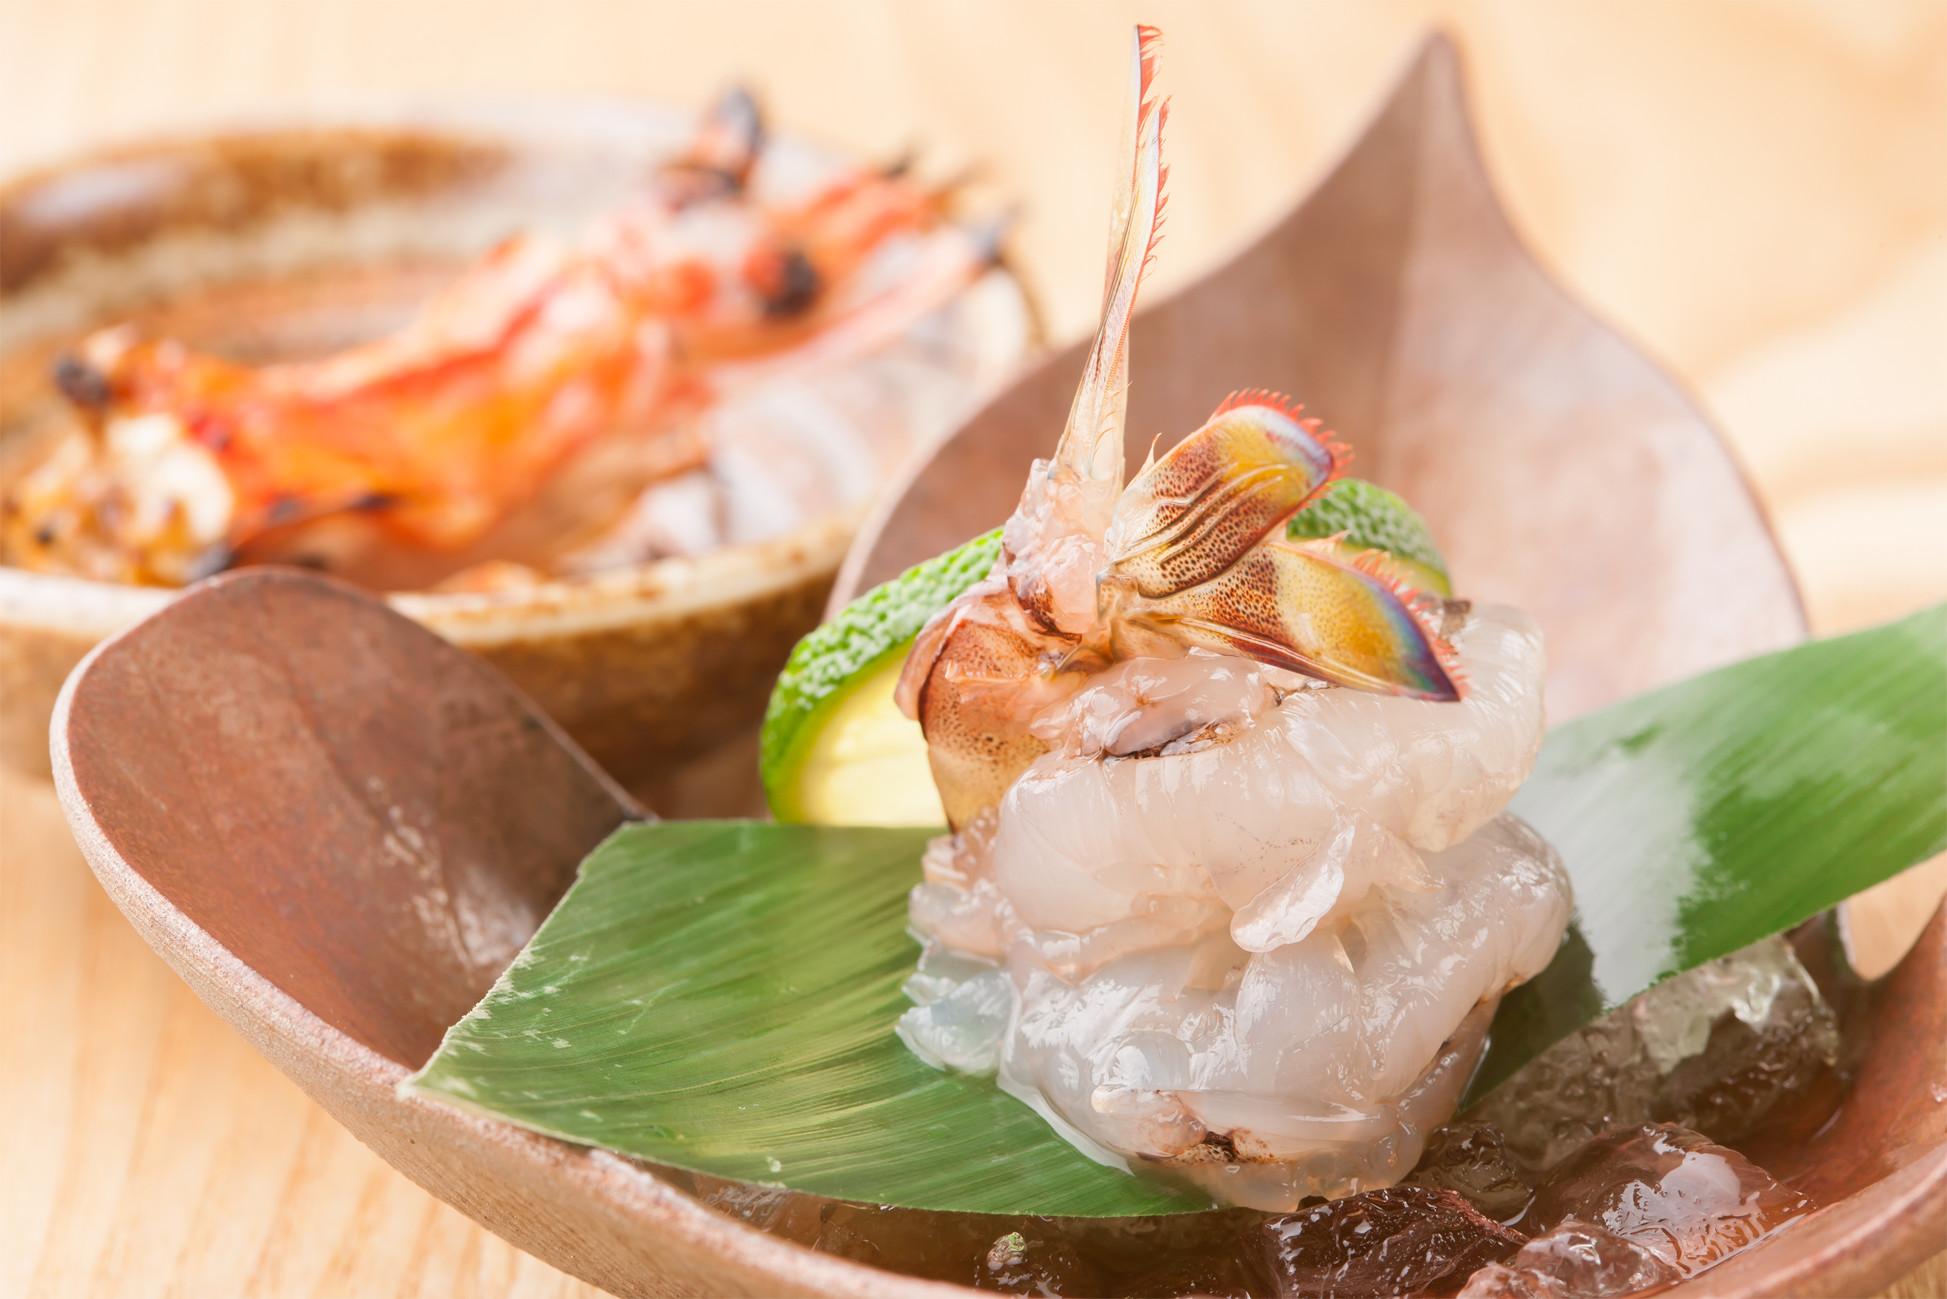 素材の味わいを活かした新鮮な海の幸のお料理を 一品一品真心を込めてお作りいたします。